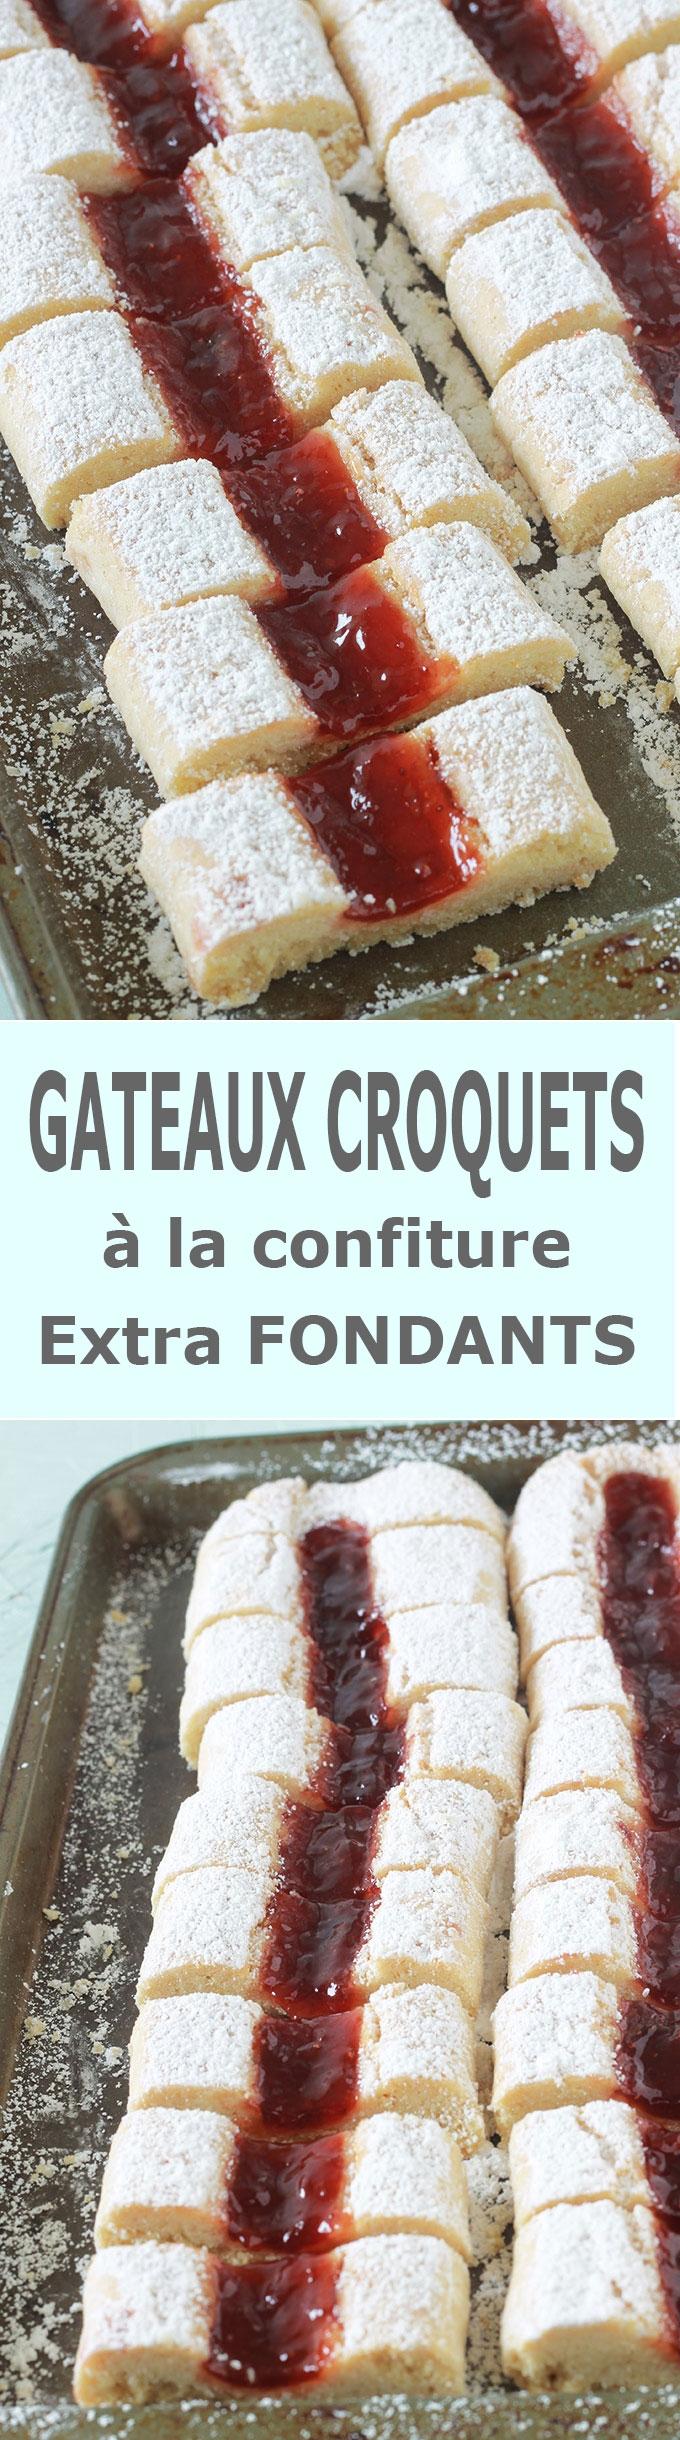 Gâteaux croquets fondants, hyper moelleux à la confiture. Appelés aussi gâteaux croquants ou krokis. Ce sont des biscuits secs cuits en deux fois au four. Sans beurre, économiques, faciles et rapides à faire.